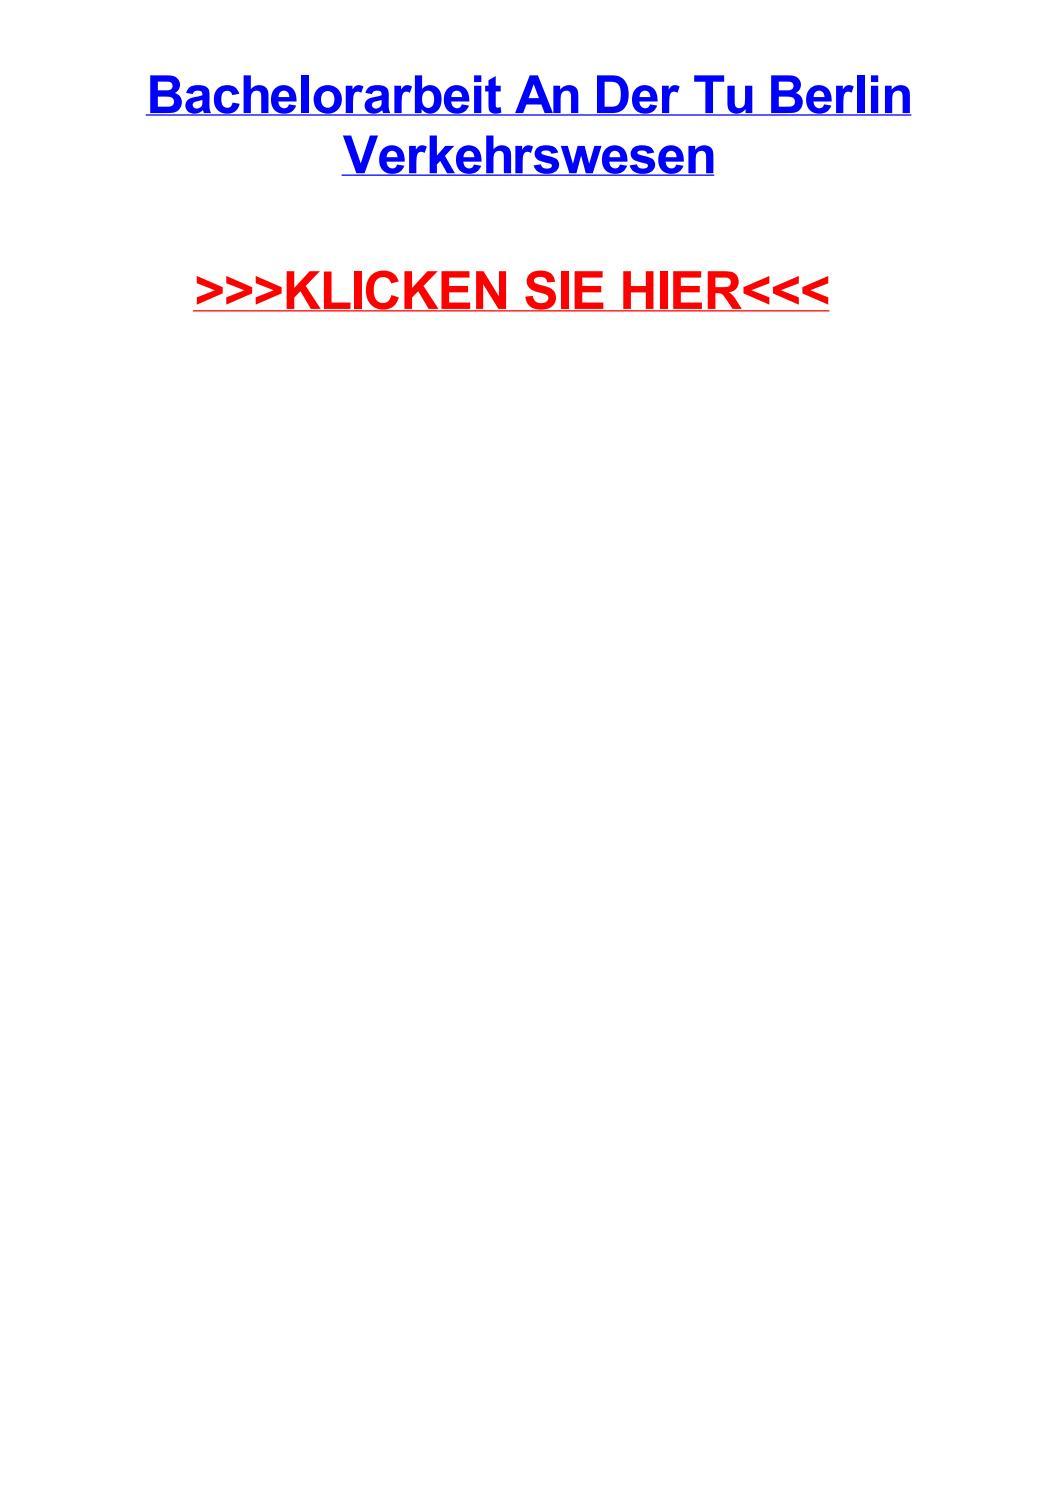 Tolle Coole Postervorlagen Bilder - Beispiel Wiederaufnahme Vorlagen ...